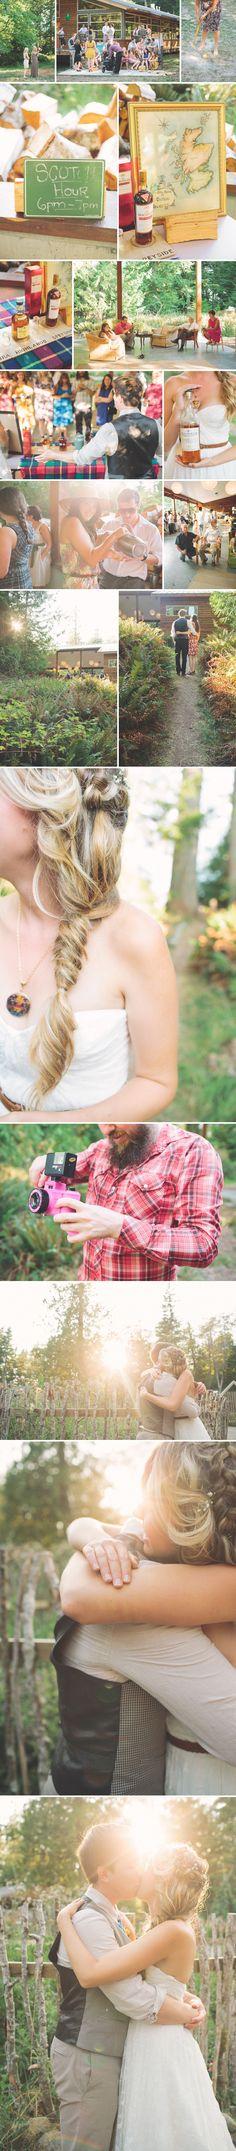 creative_wedding_photographer_vancouver110  SCOTCH HOUR!